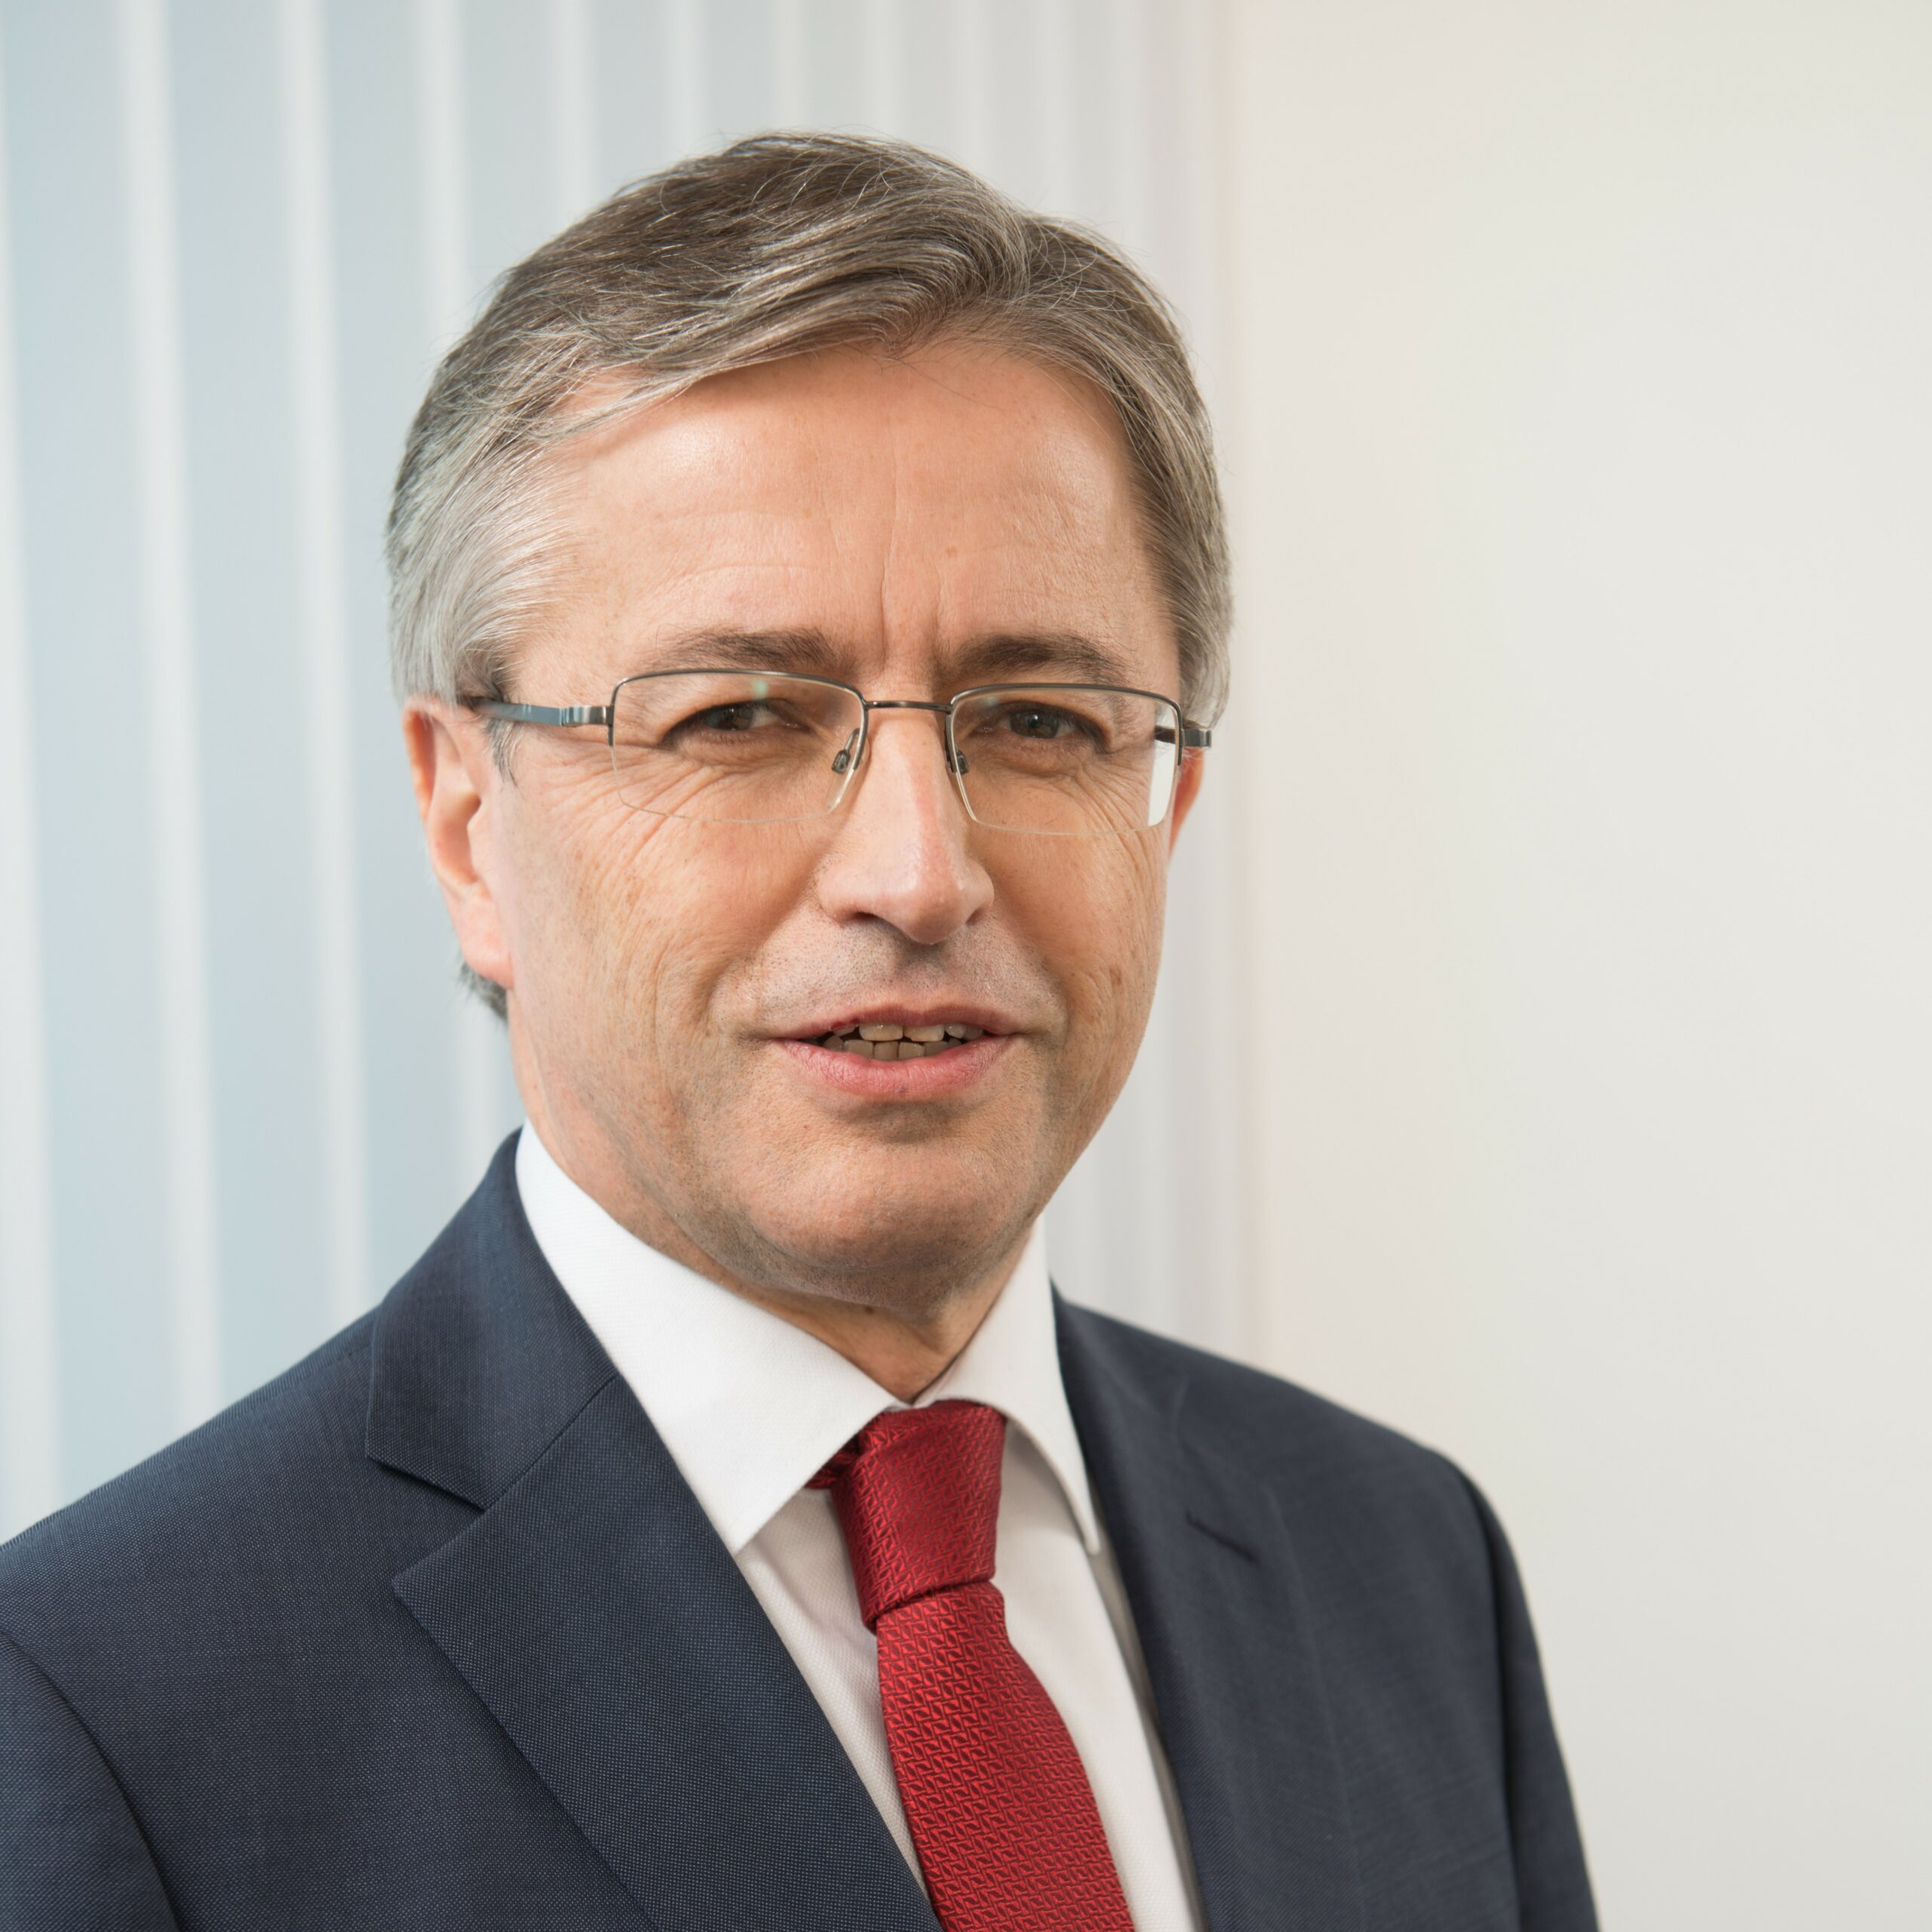 Walter Märzendorfer